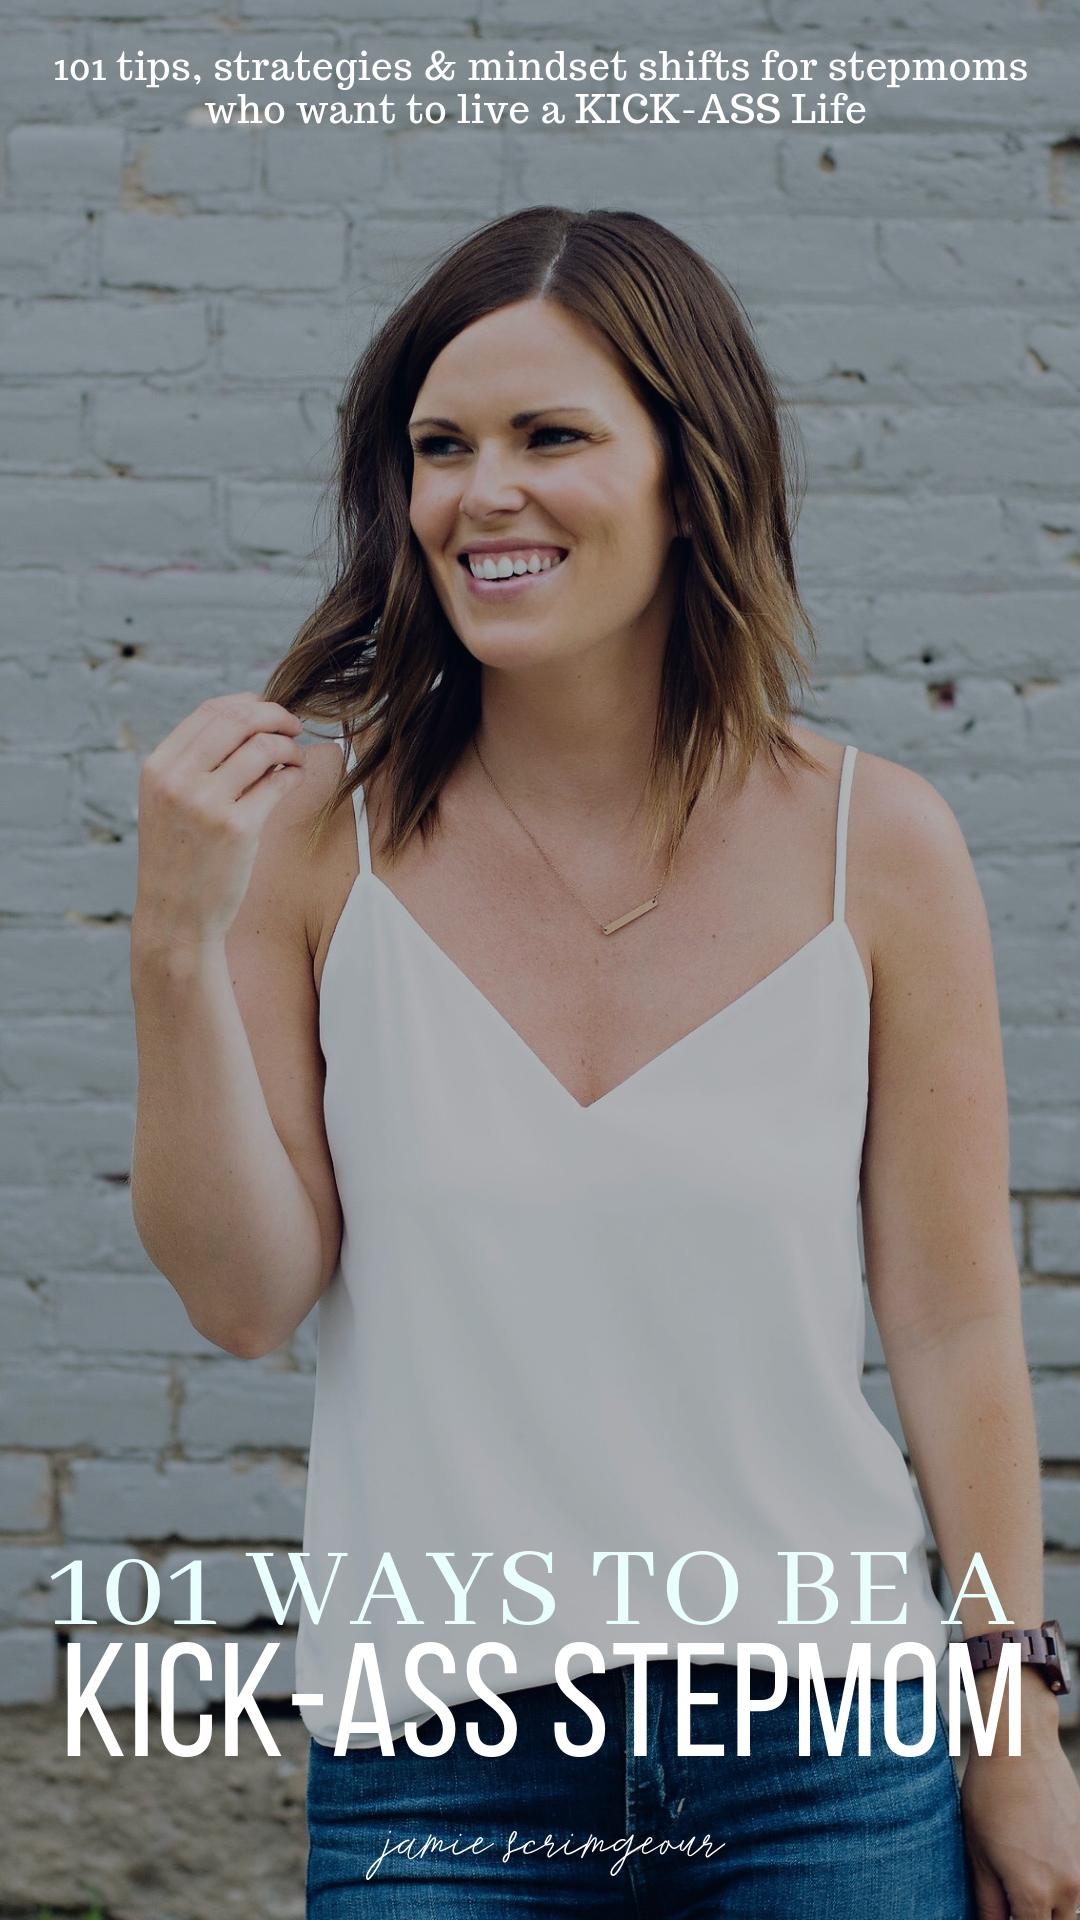 101 Ways To be A KICK-ASS Stepmom - Jamie Scrimgeour - Stepmom Support